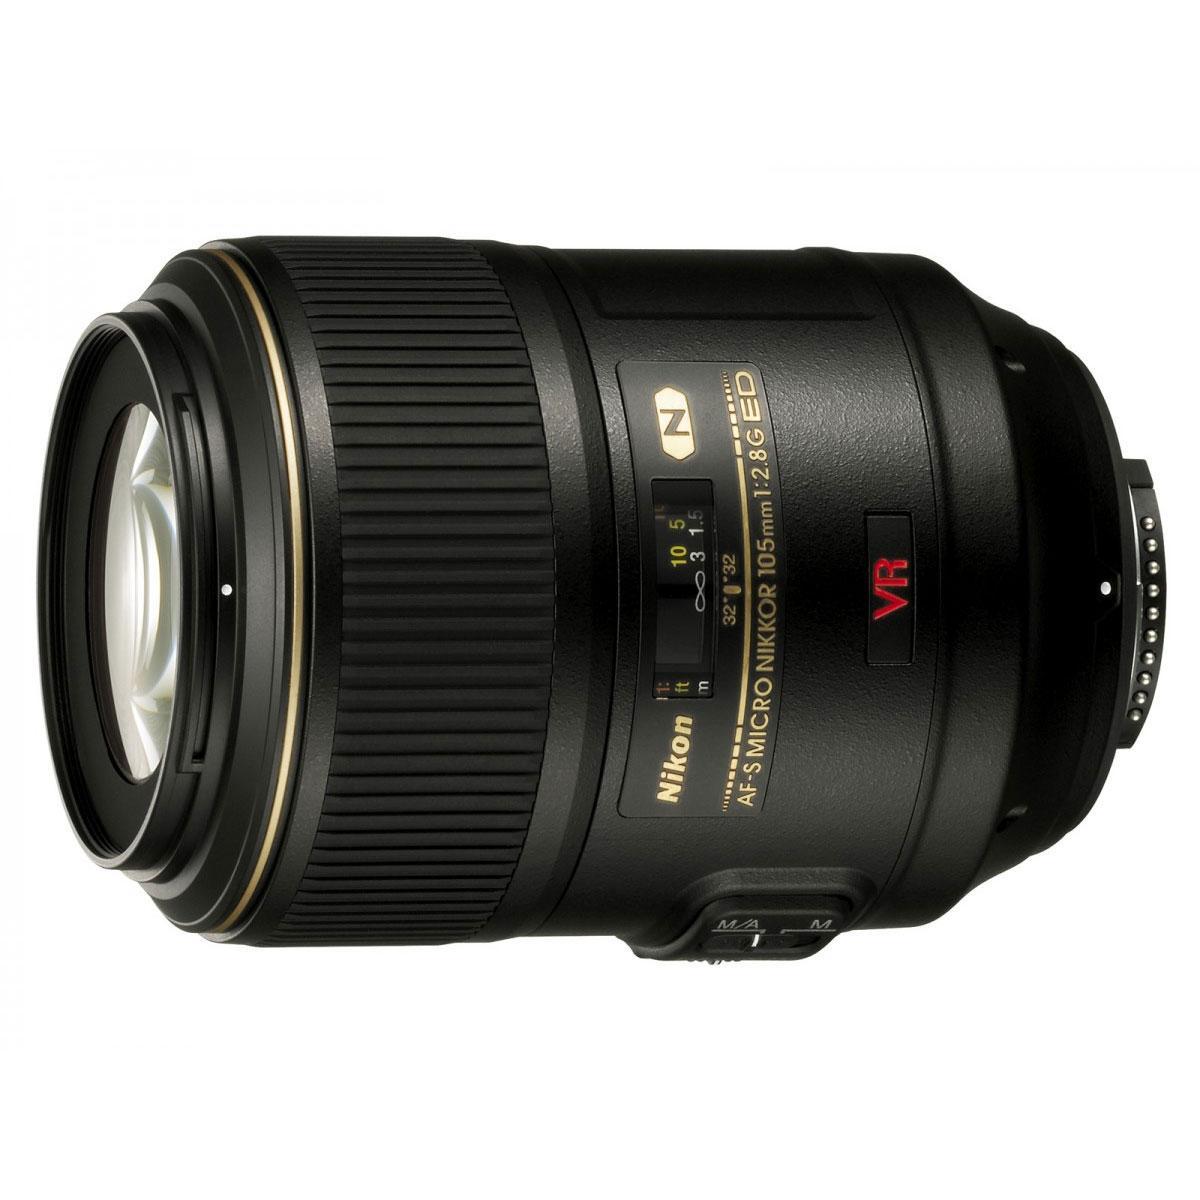 Nikon AF-S Micro-Nikkor 105mm f/2.8G IF-ED